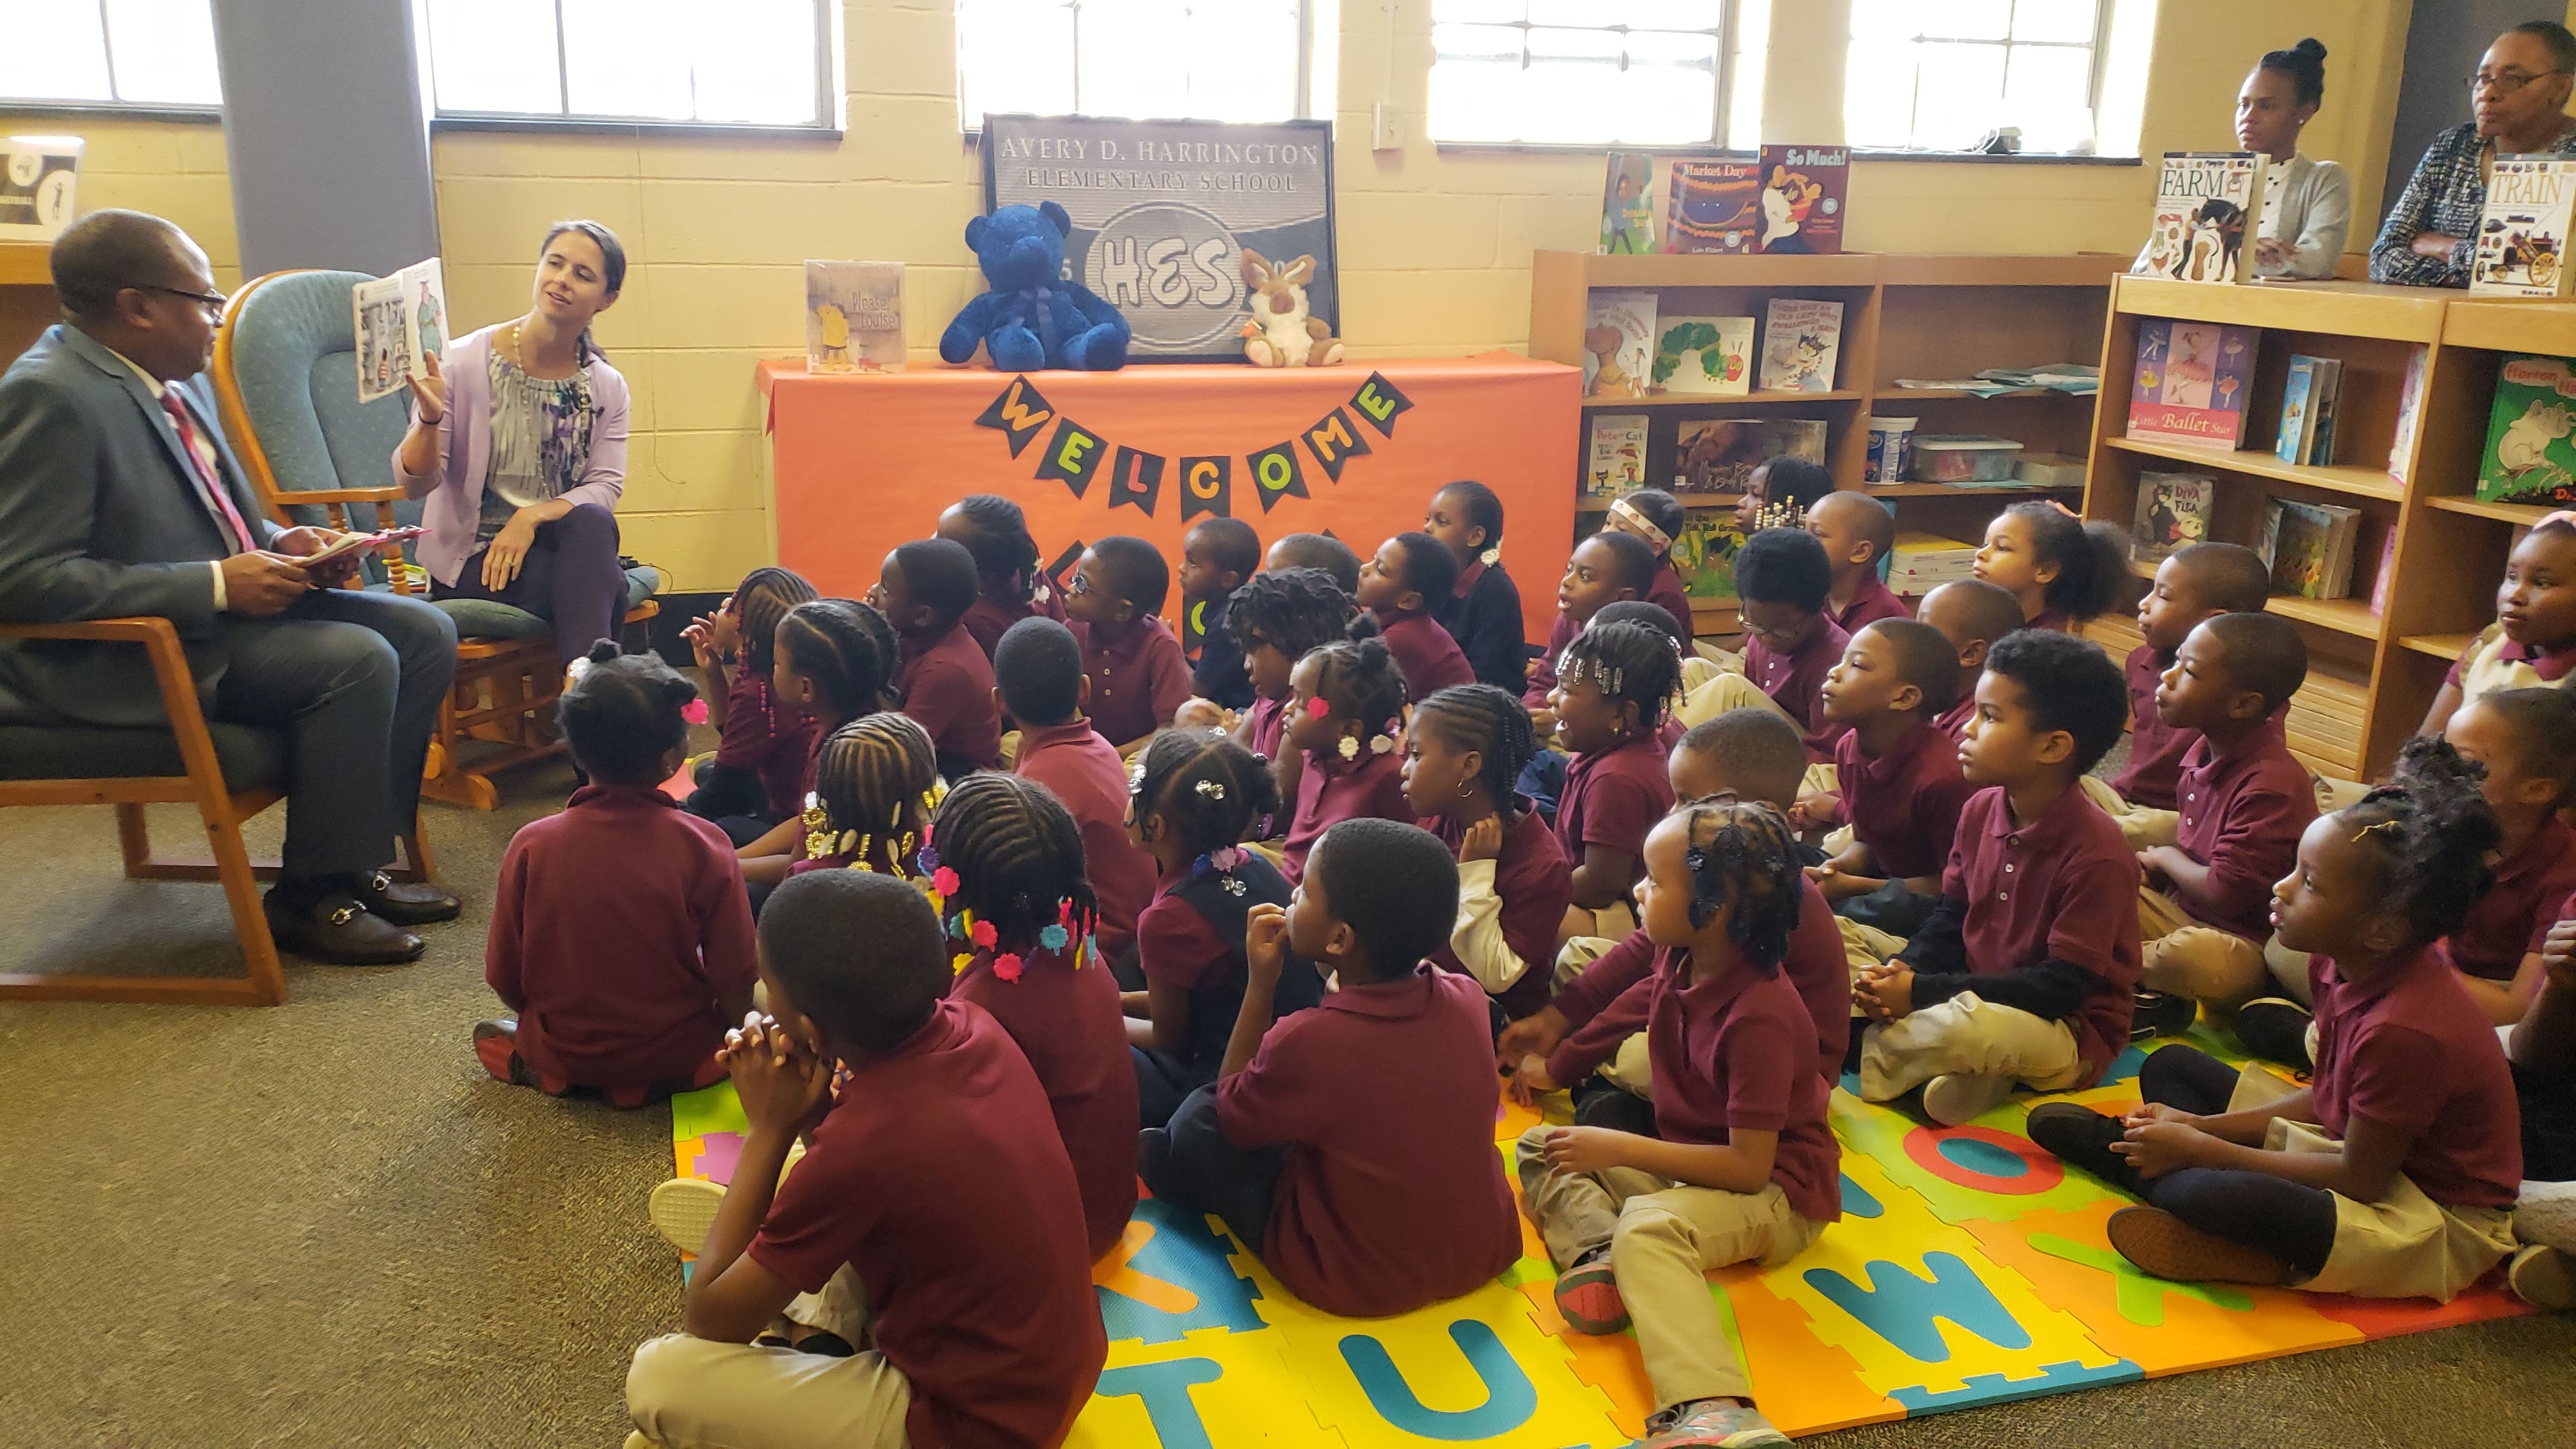 تحالف غرب فيلادلفيا للأطفال WePAC